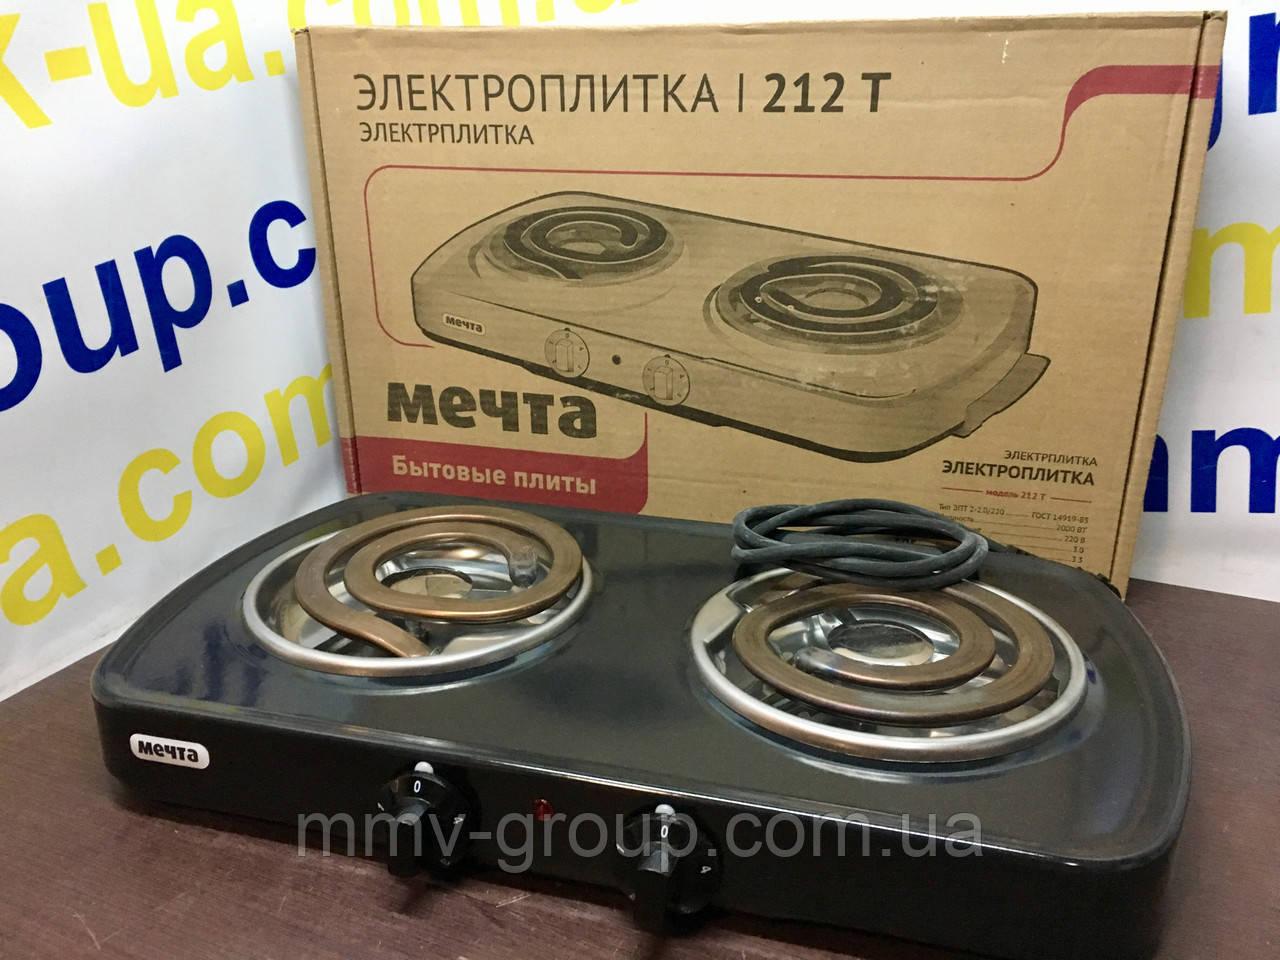 Плита электрическая Мечта-212Т